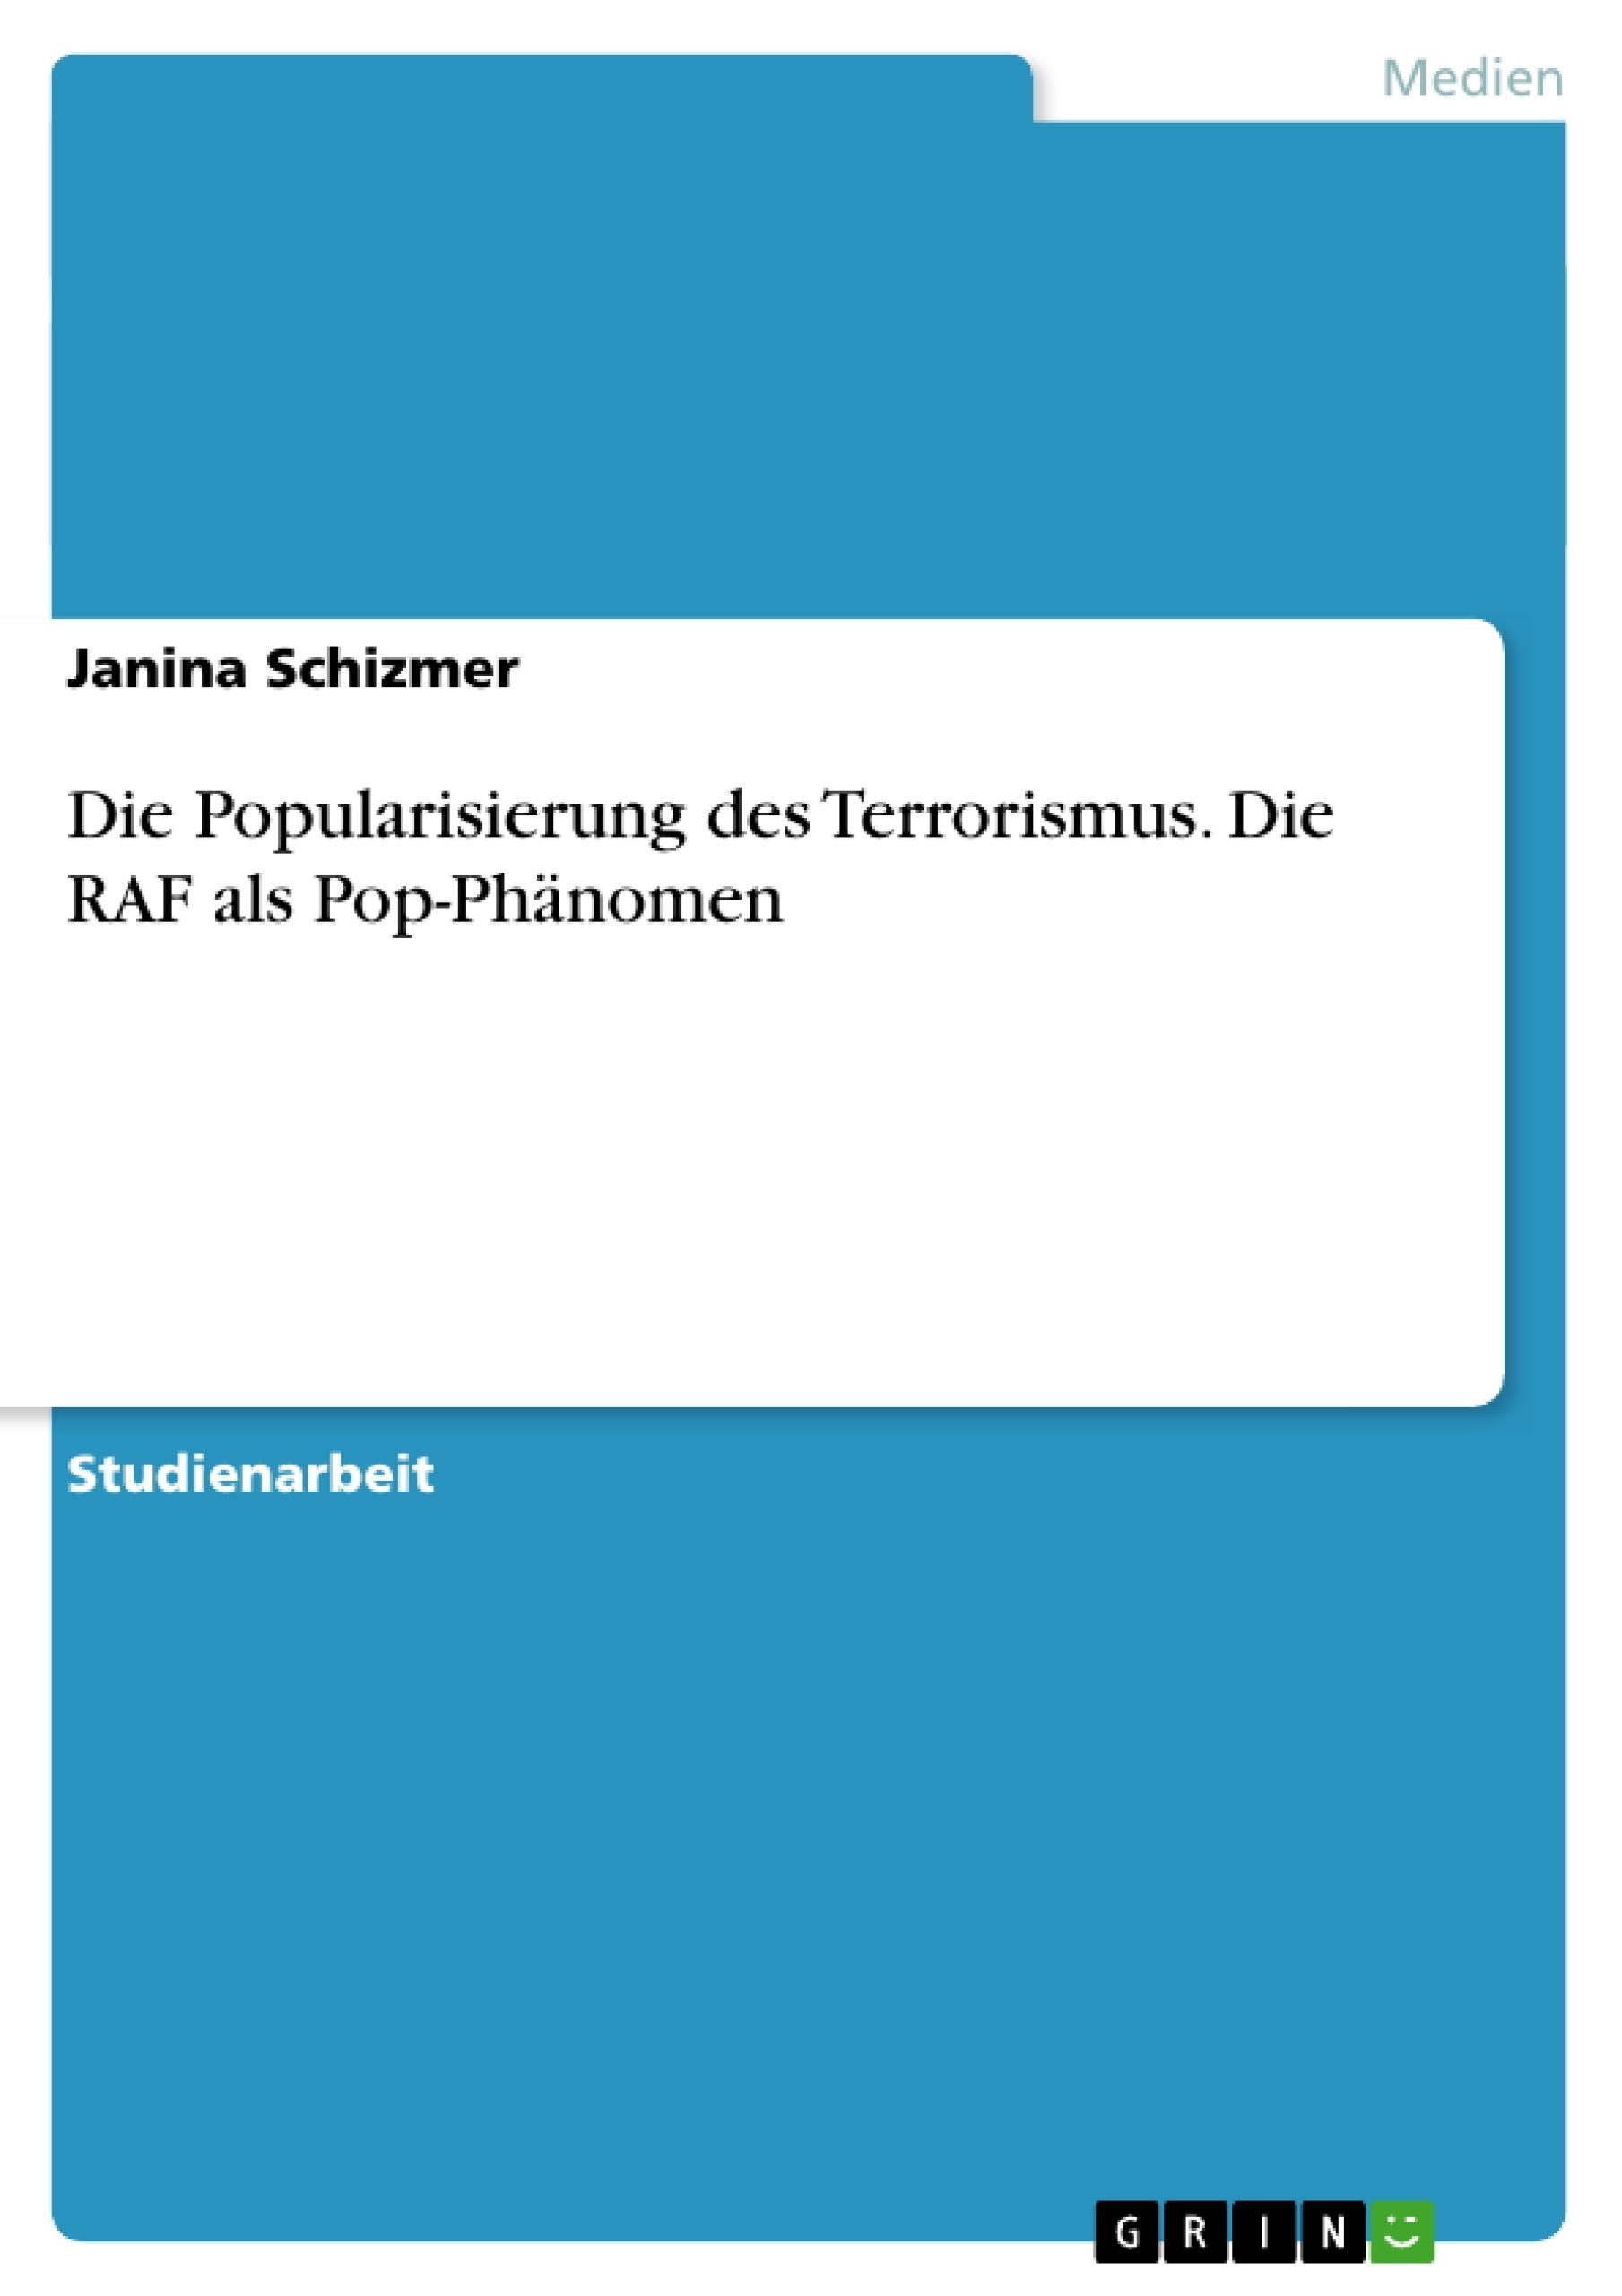 Titel: Die Popularisierung des Terrorismus. Die RAF als Pop-Phänomen